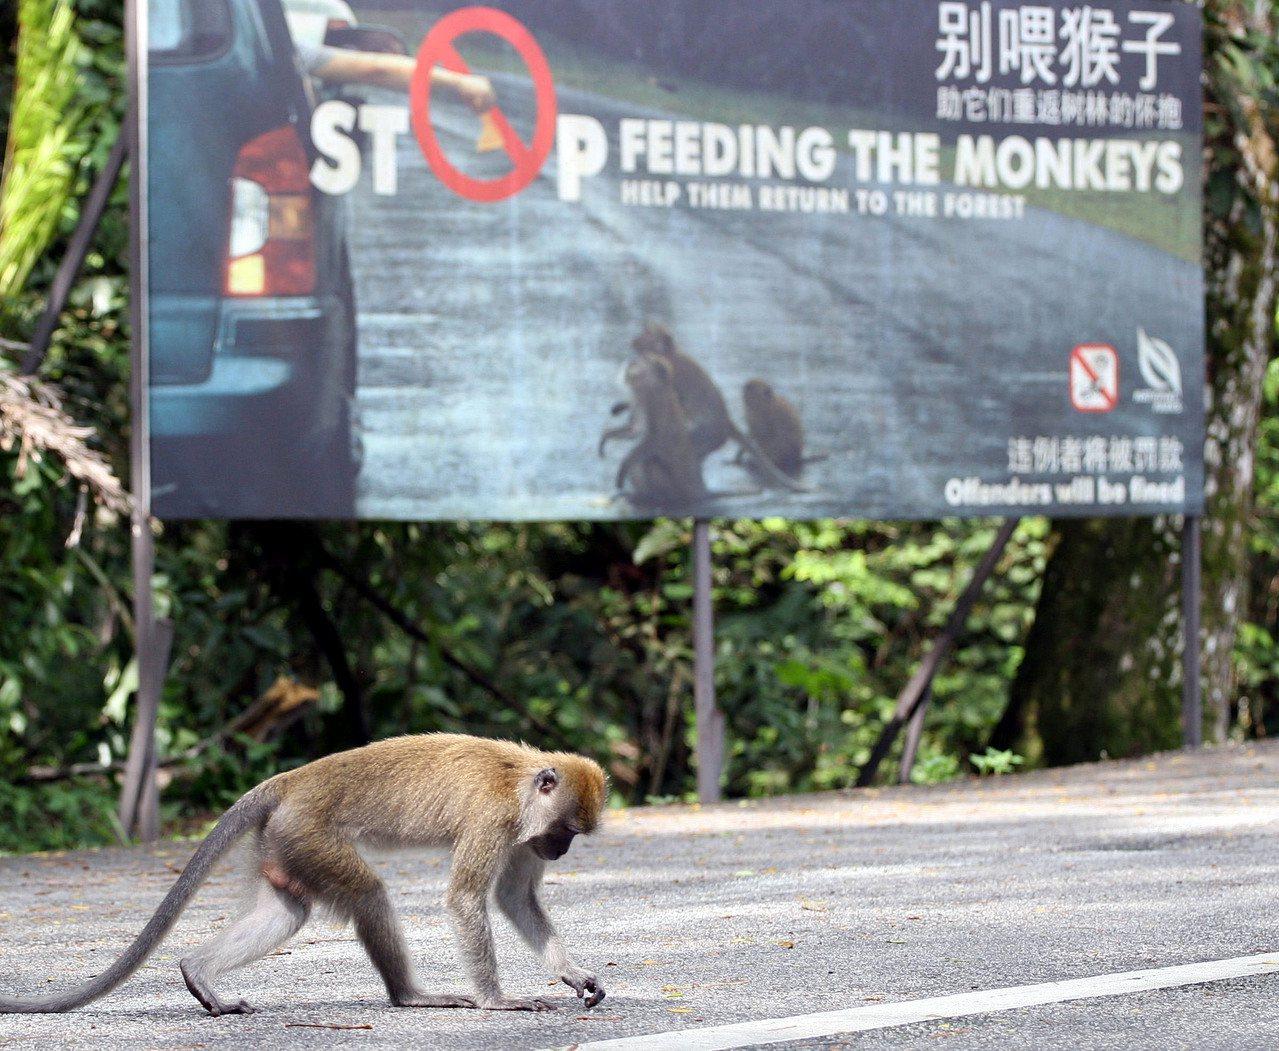 猴子与人之间的关系也成为新加坡的问题。图为新加坡的武吉知马自然保护区(Bukit...